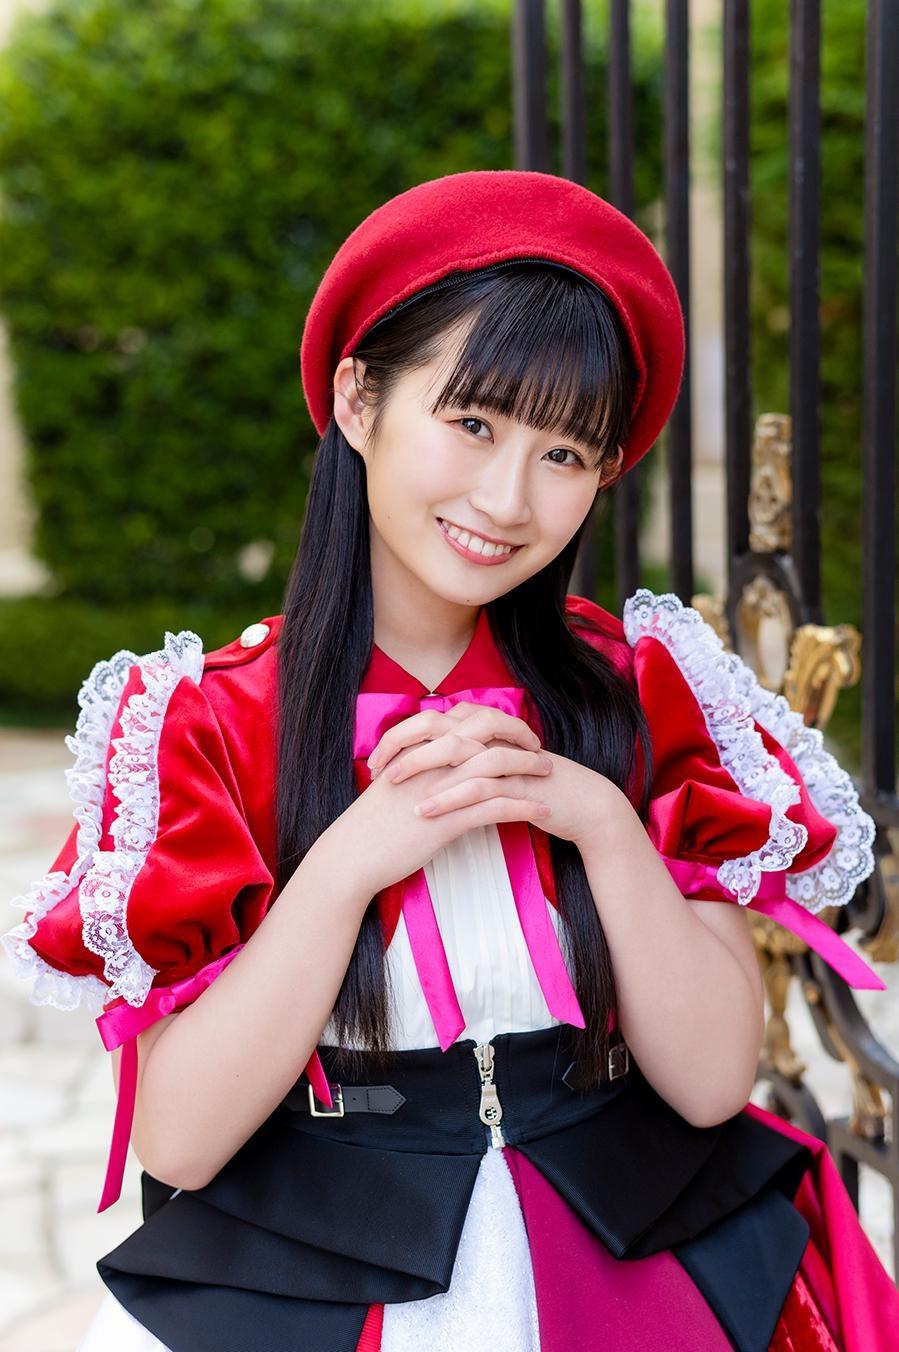 渡邉と同じく6月にグループを卒業する松本愛花